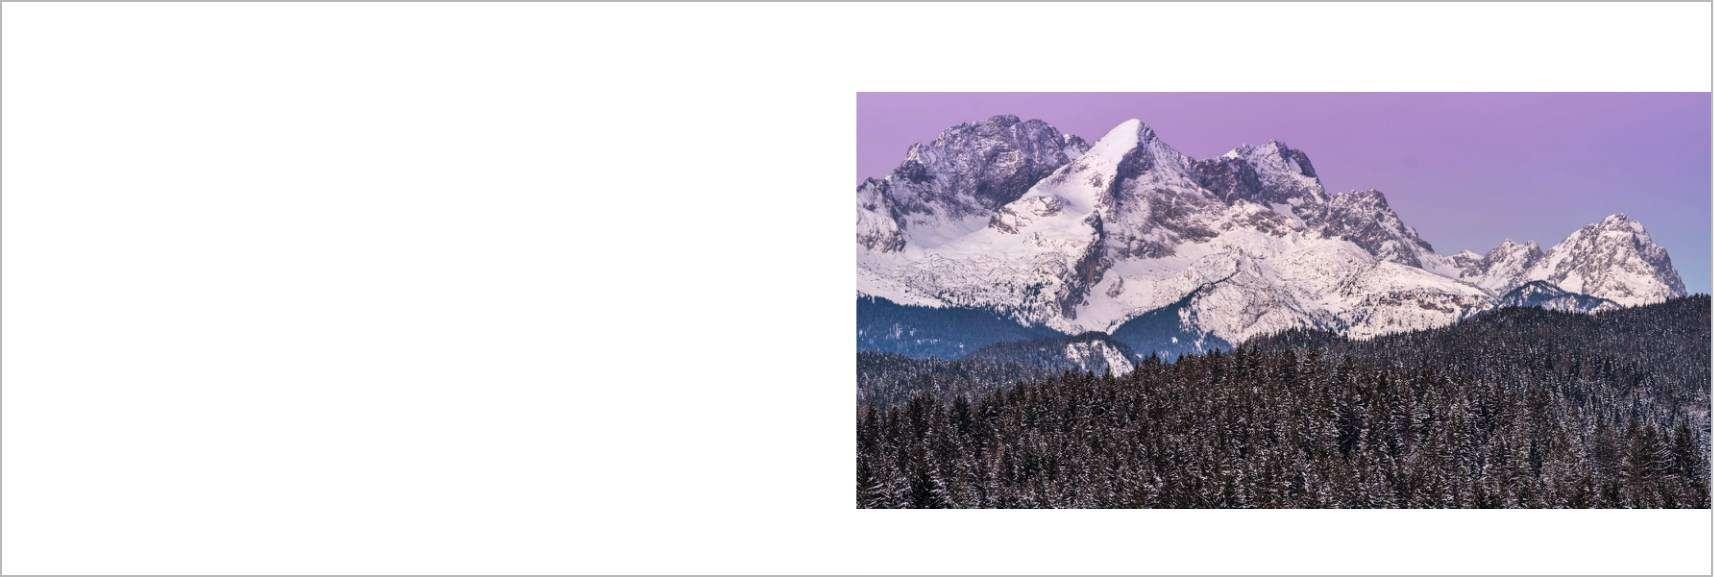 Saal-Digital - Fotobuch - Ein Erfahrungsbericht